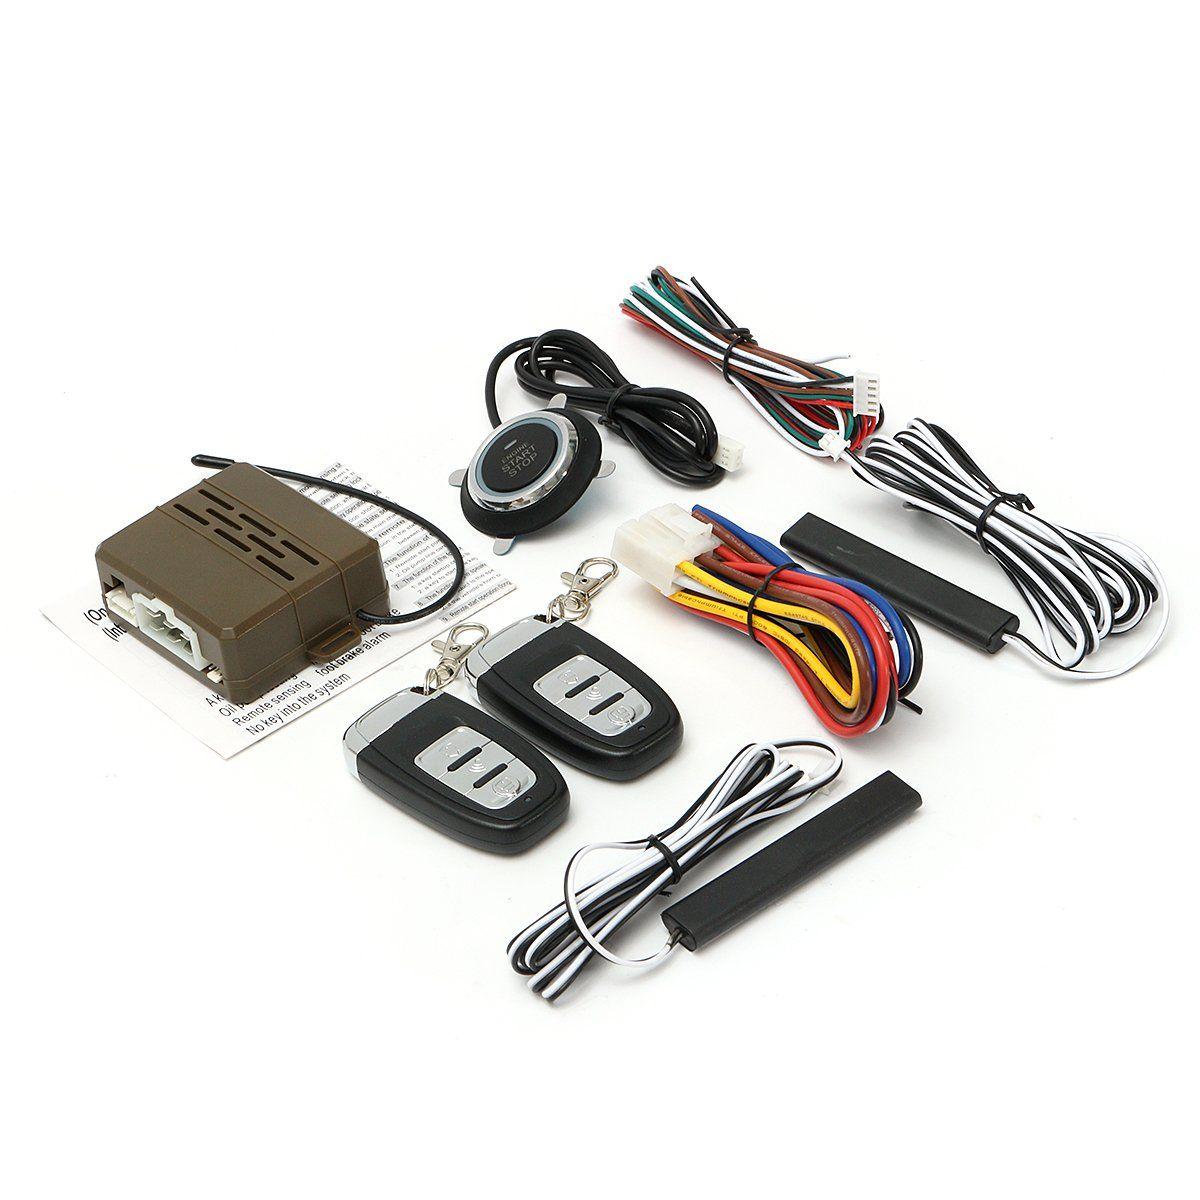 8pcs Car Alarm Start Engine System Pke Keyless Entry Remote Start